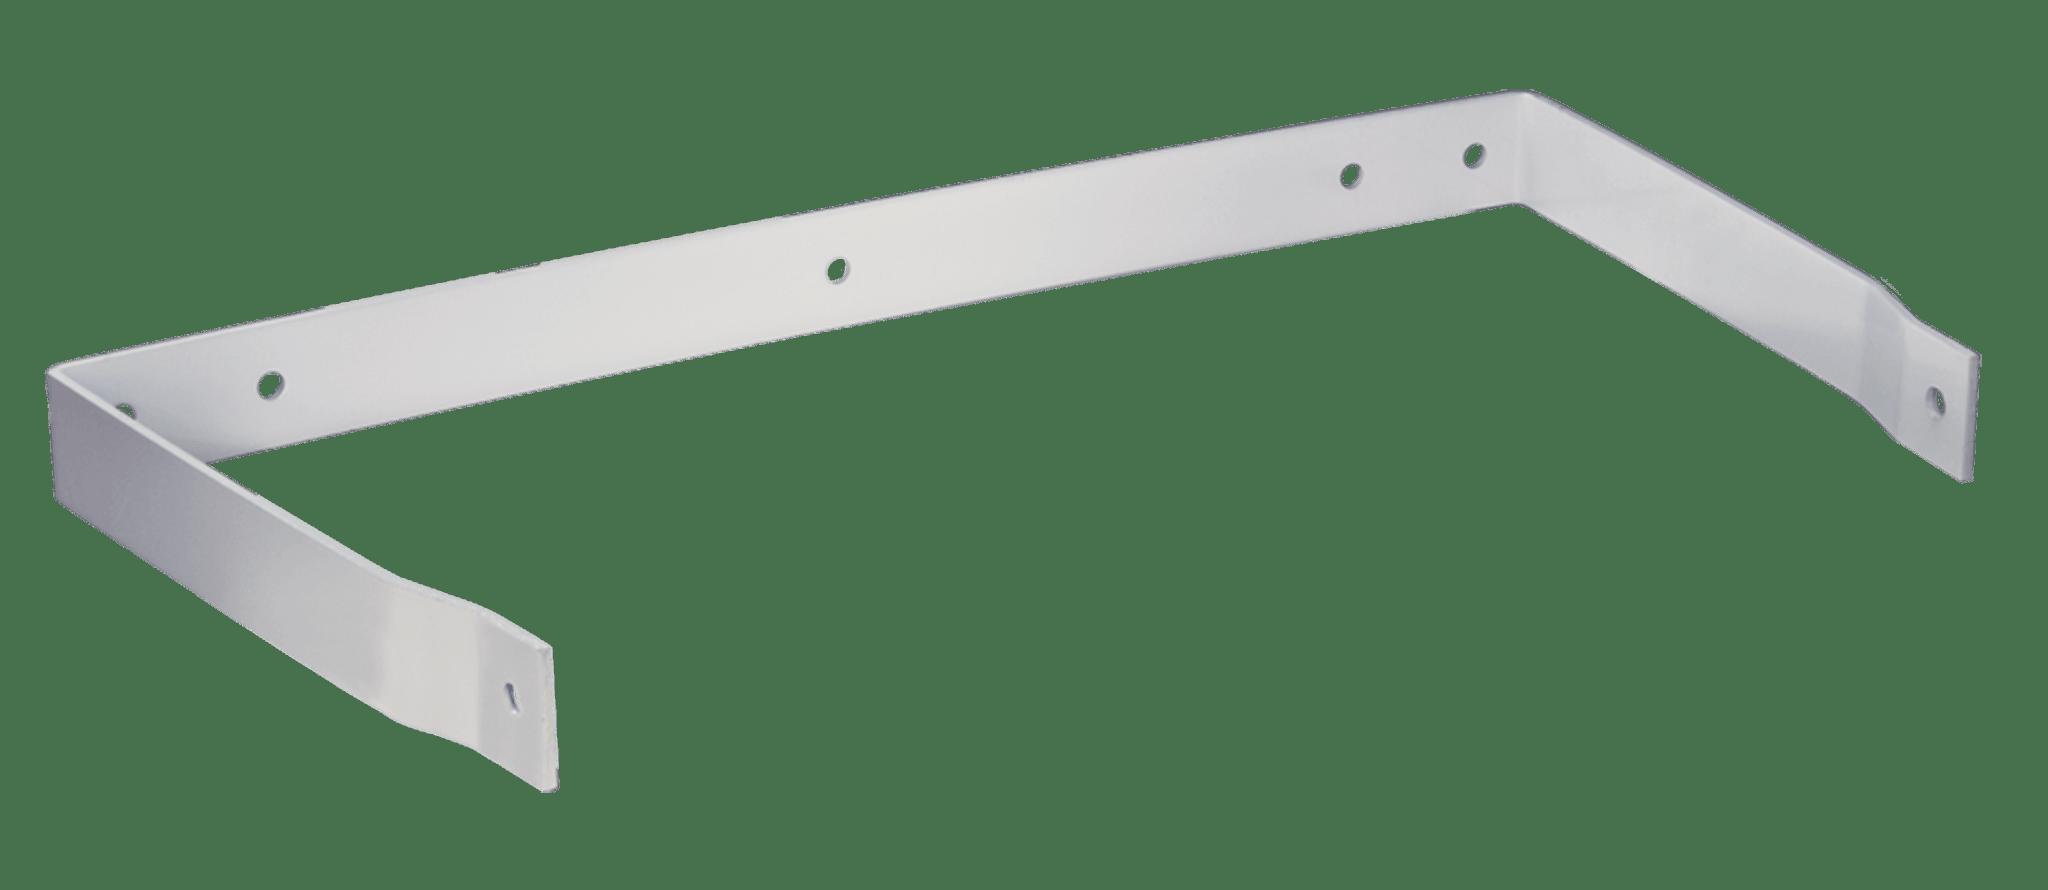 MBK115 - Mounting bracket for PX115 speaker